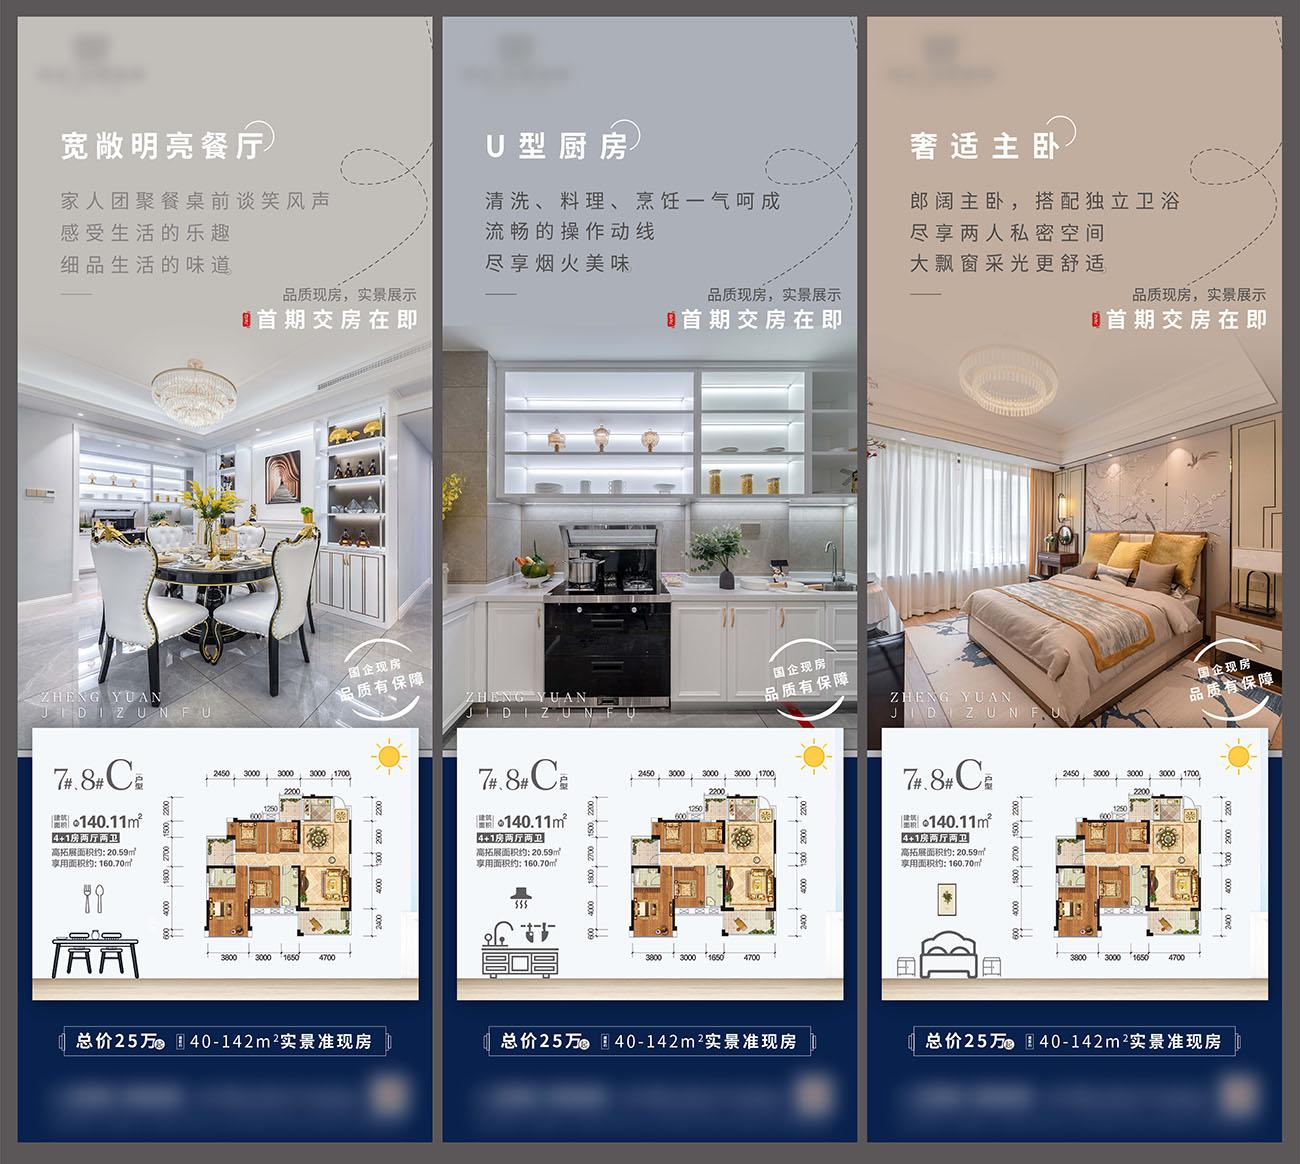 房地产住宅户型价值点系列海报PSD源文件插图